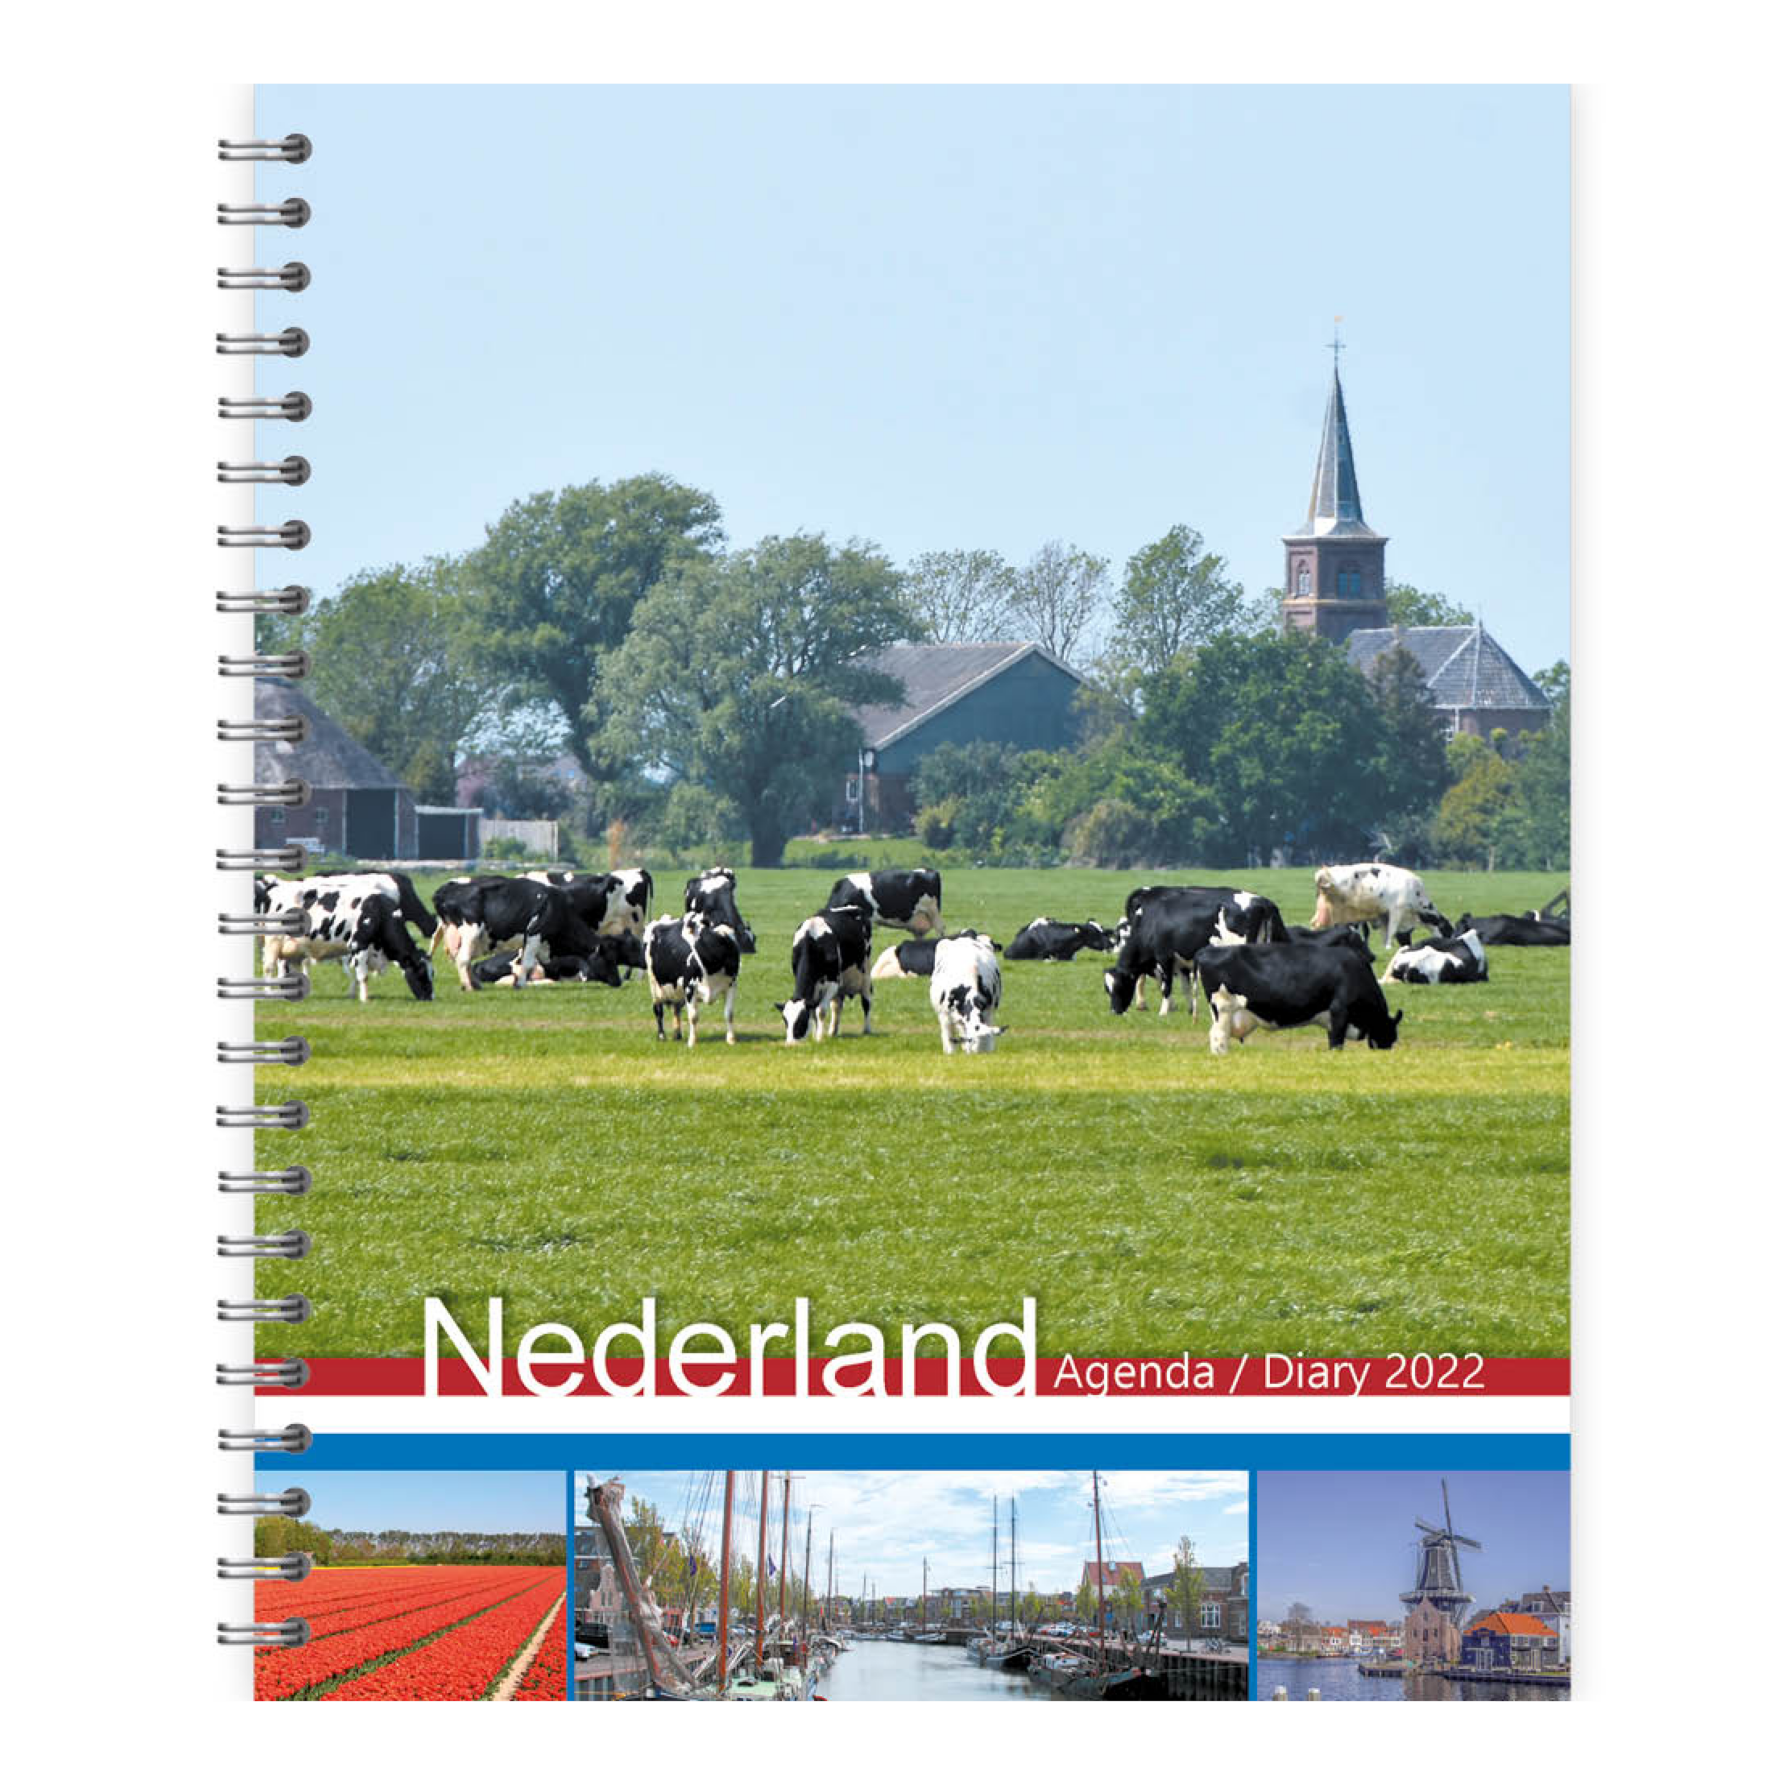 Agenda - 2022 - Holland - Met spiraal - 17,5x21,5cm - in Agenda's